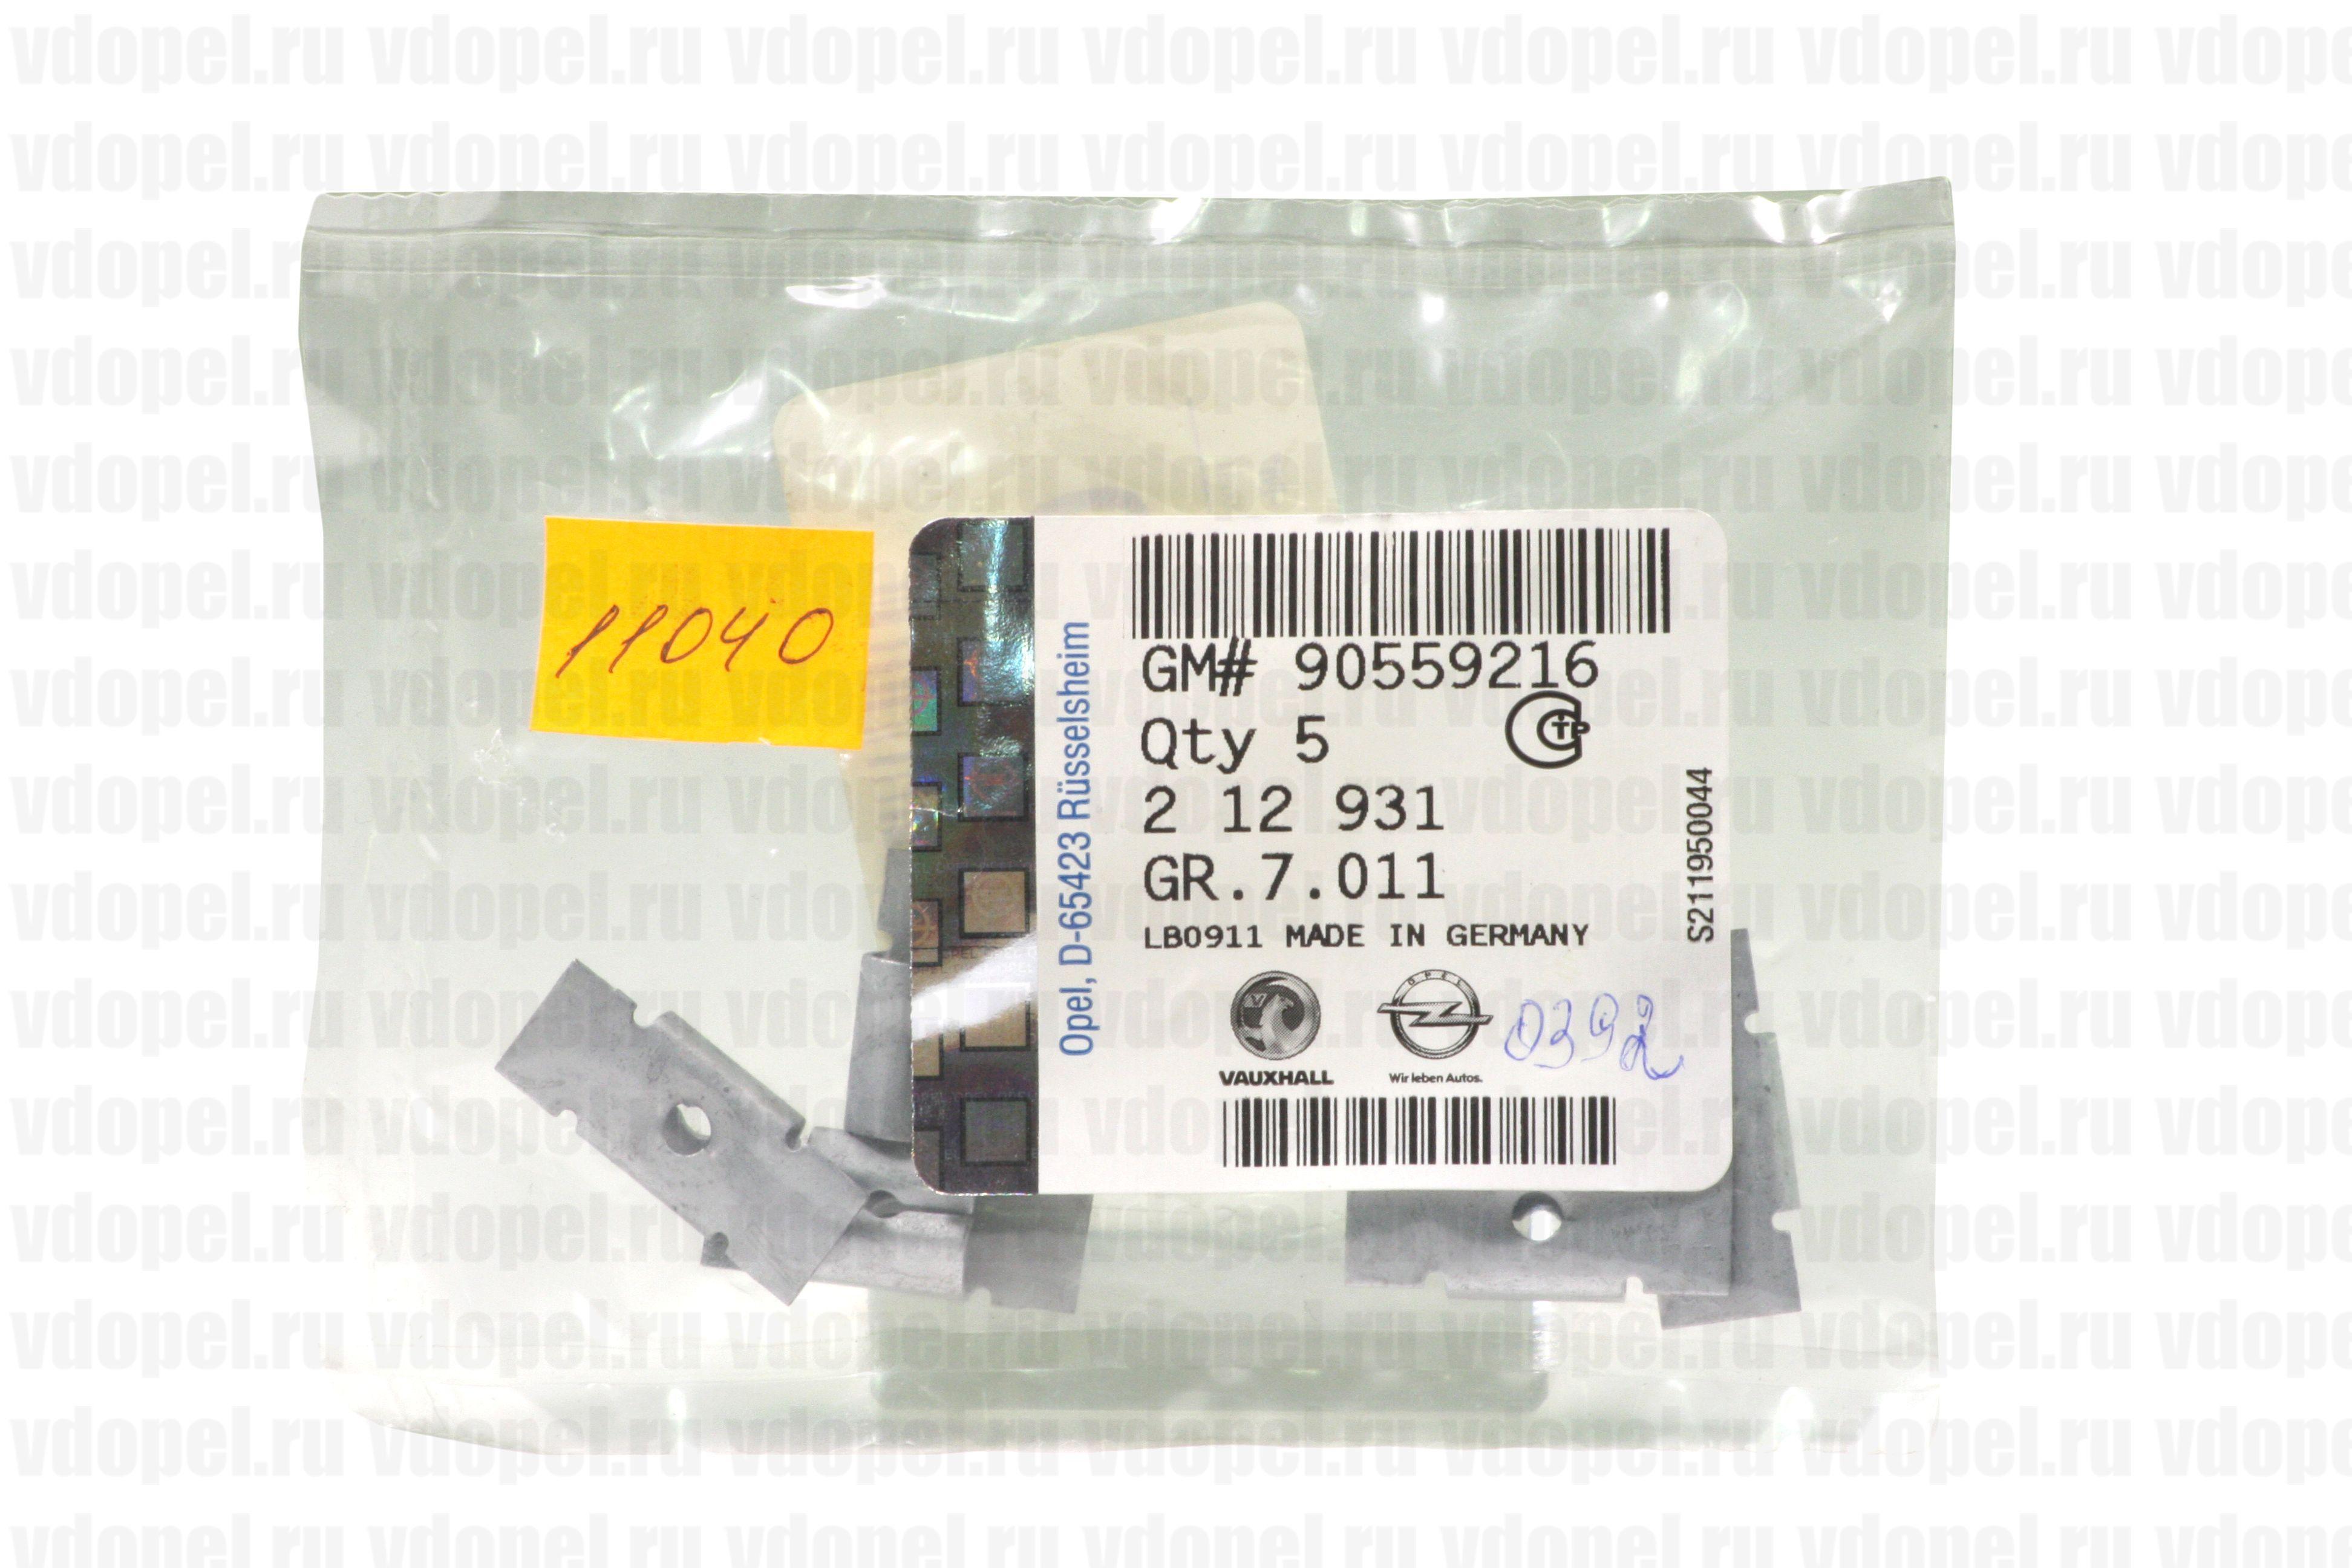 GM 90559216  - Гайка крепления защиты.